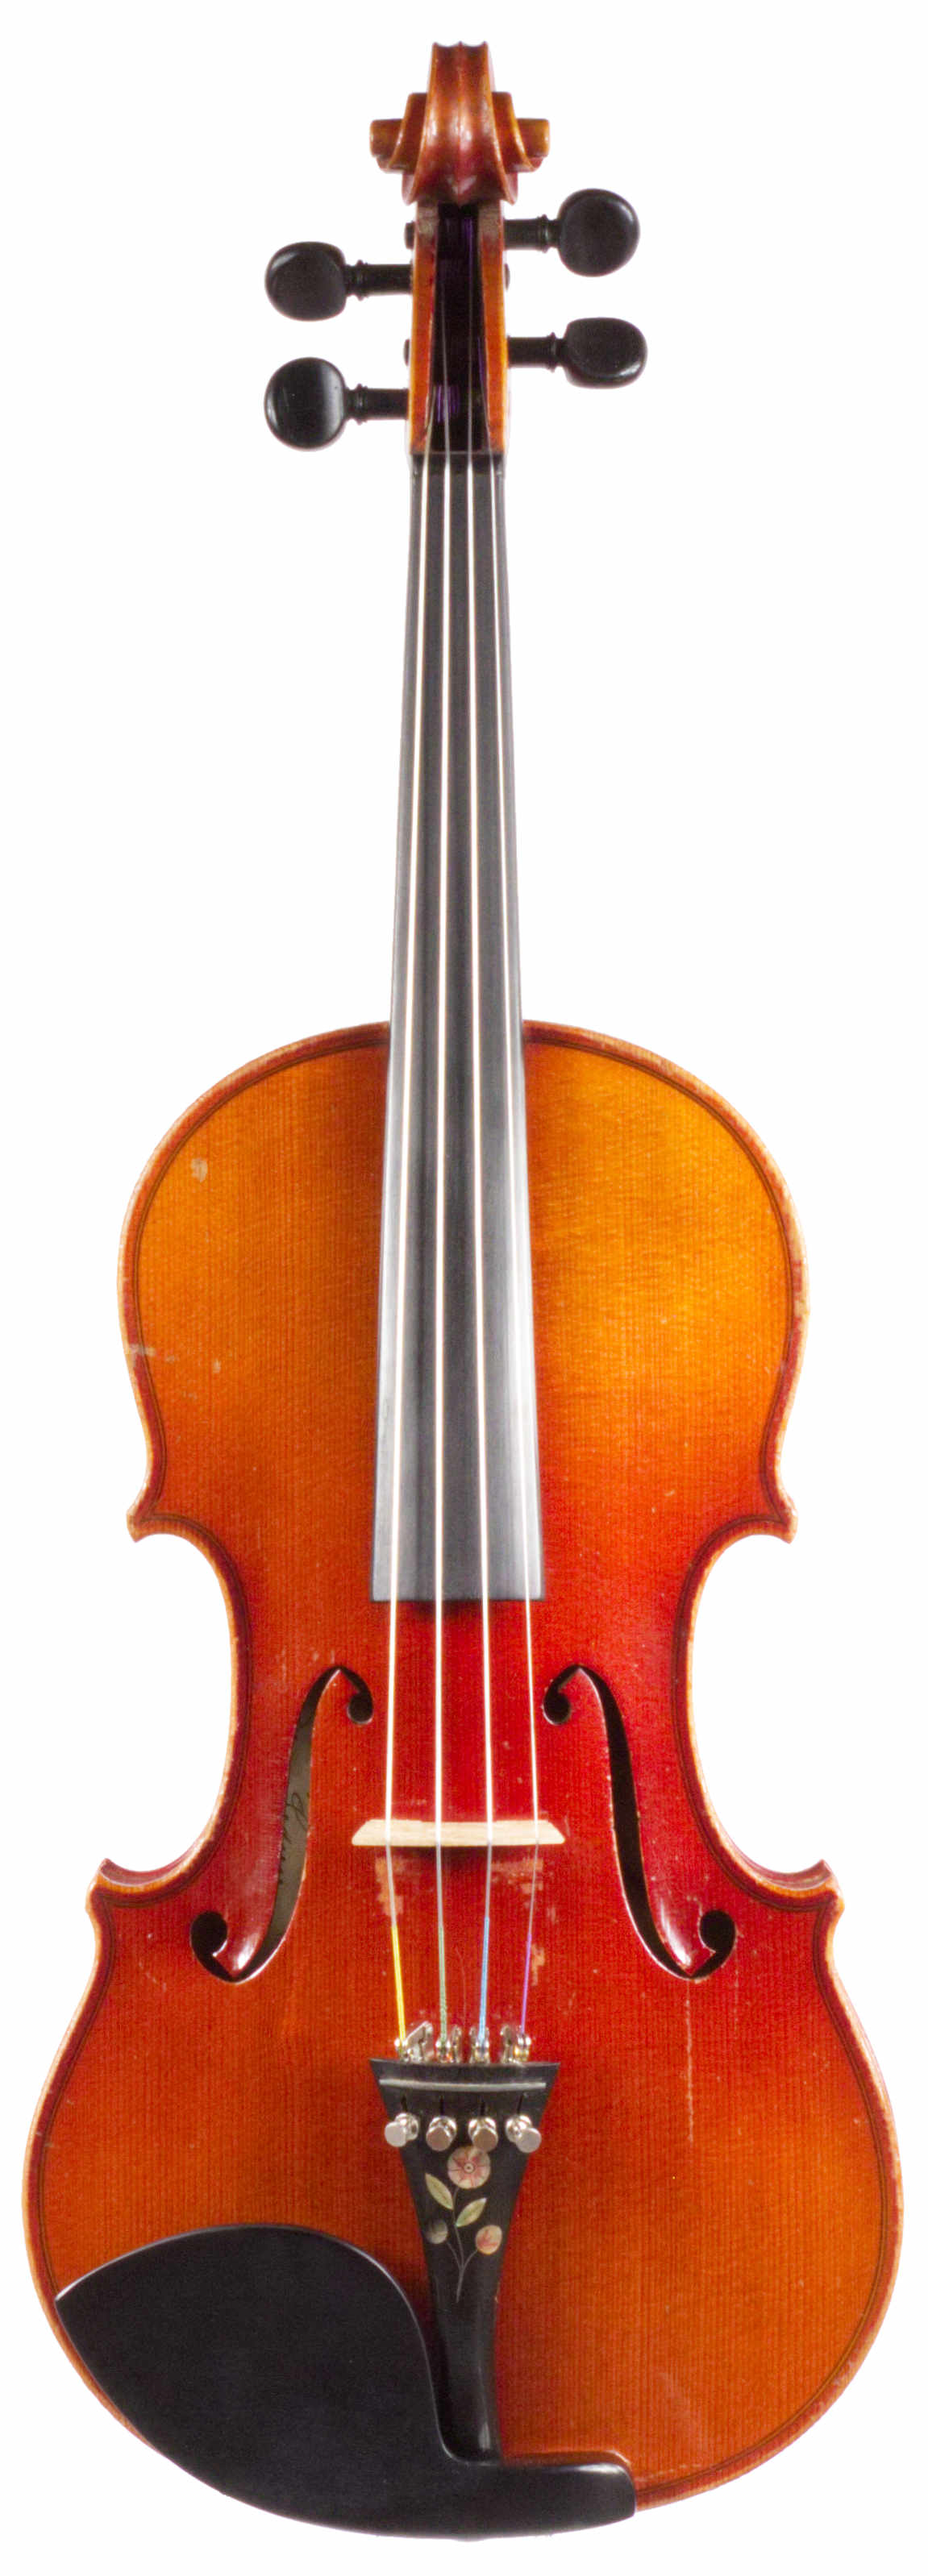 Roth and Lederer violin